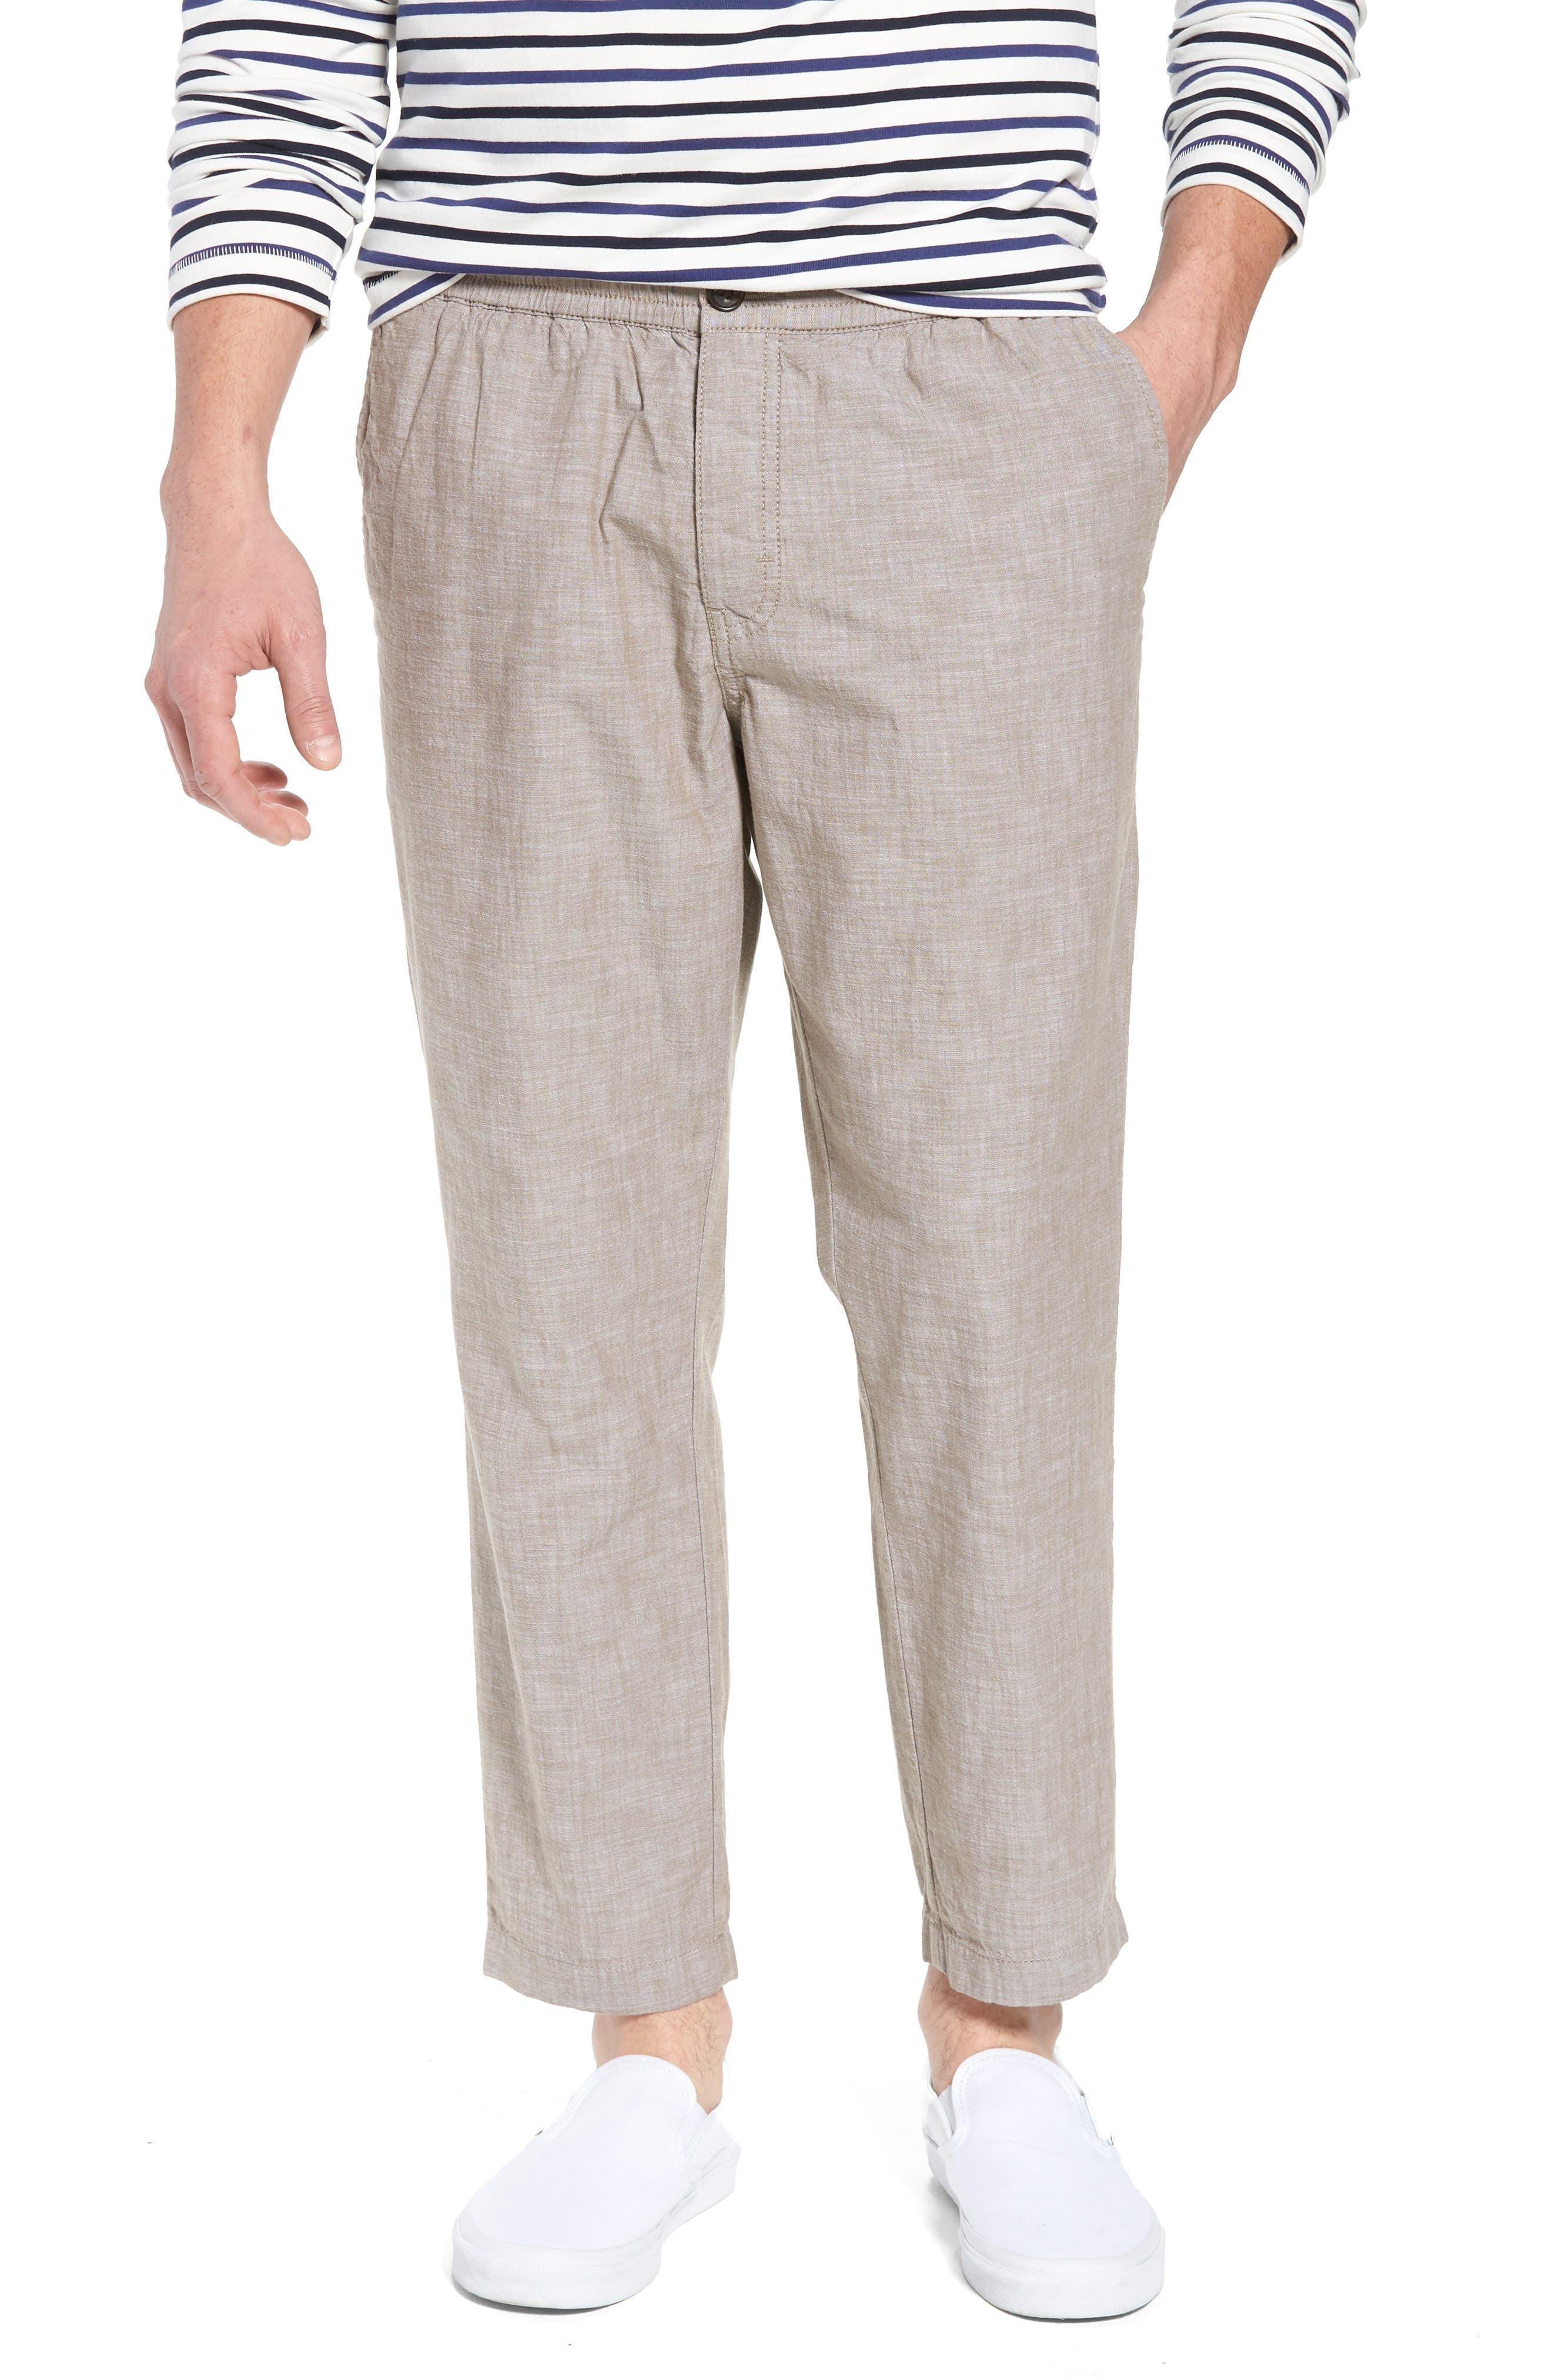 Crop Chambray Chino Pants,                         Main,                         color, Tan Burrow Chambray